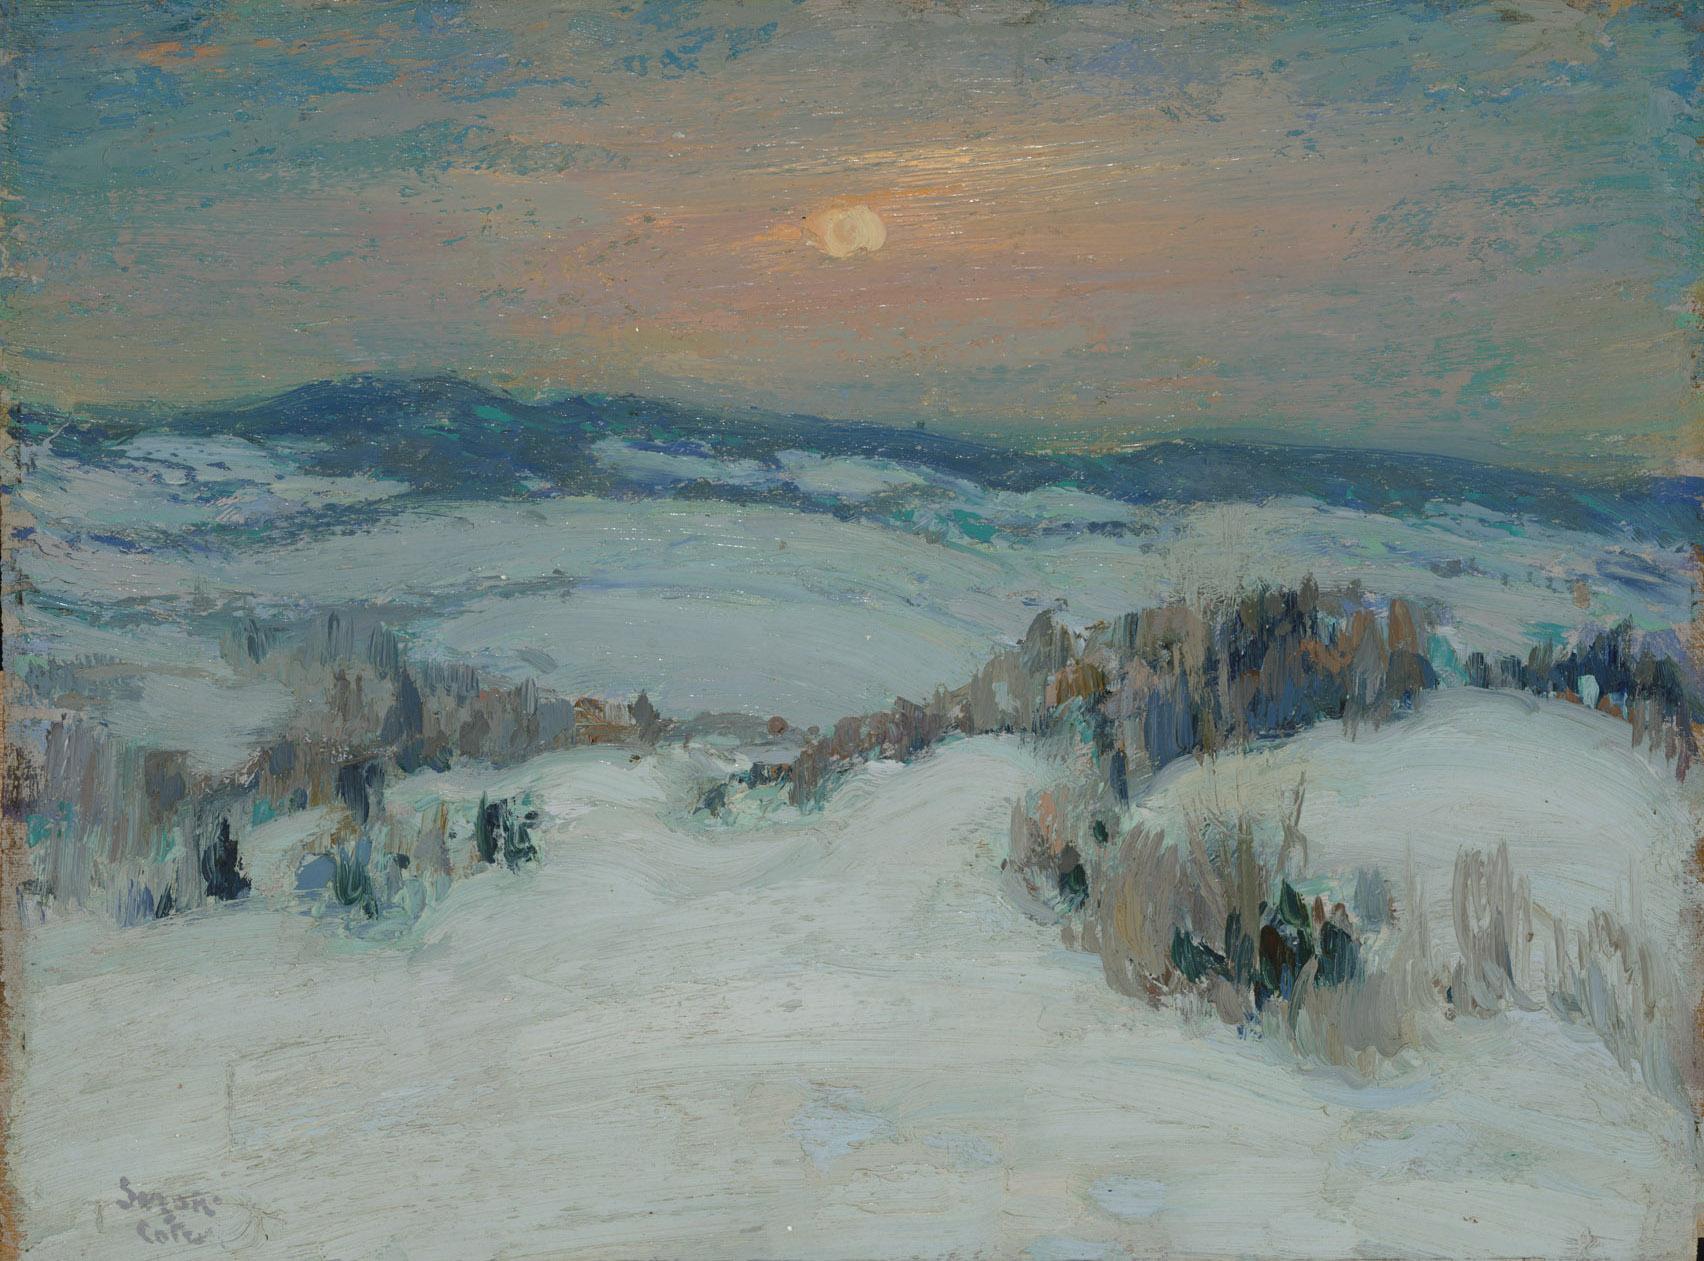 Suzor-Côté, Paysage d'hiver